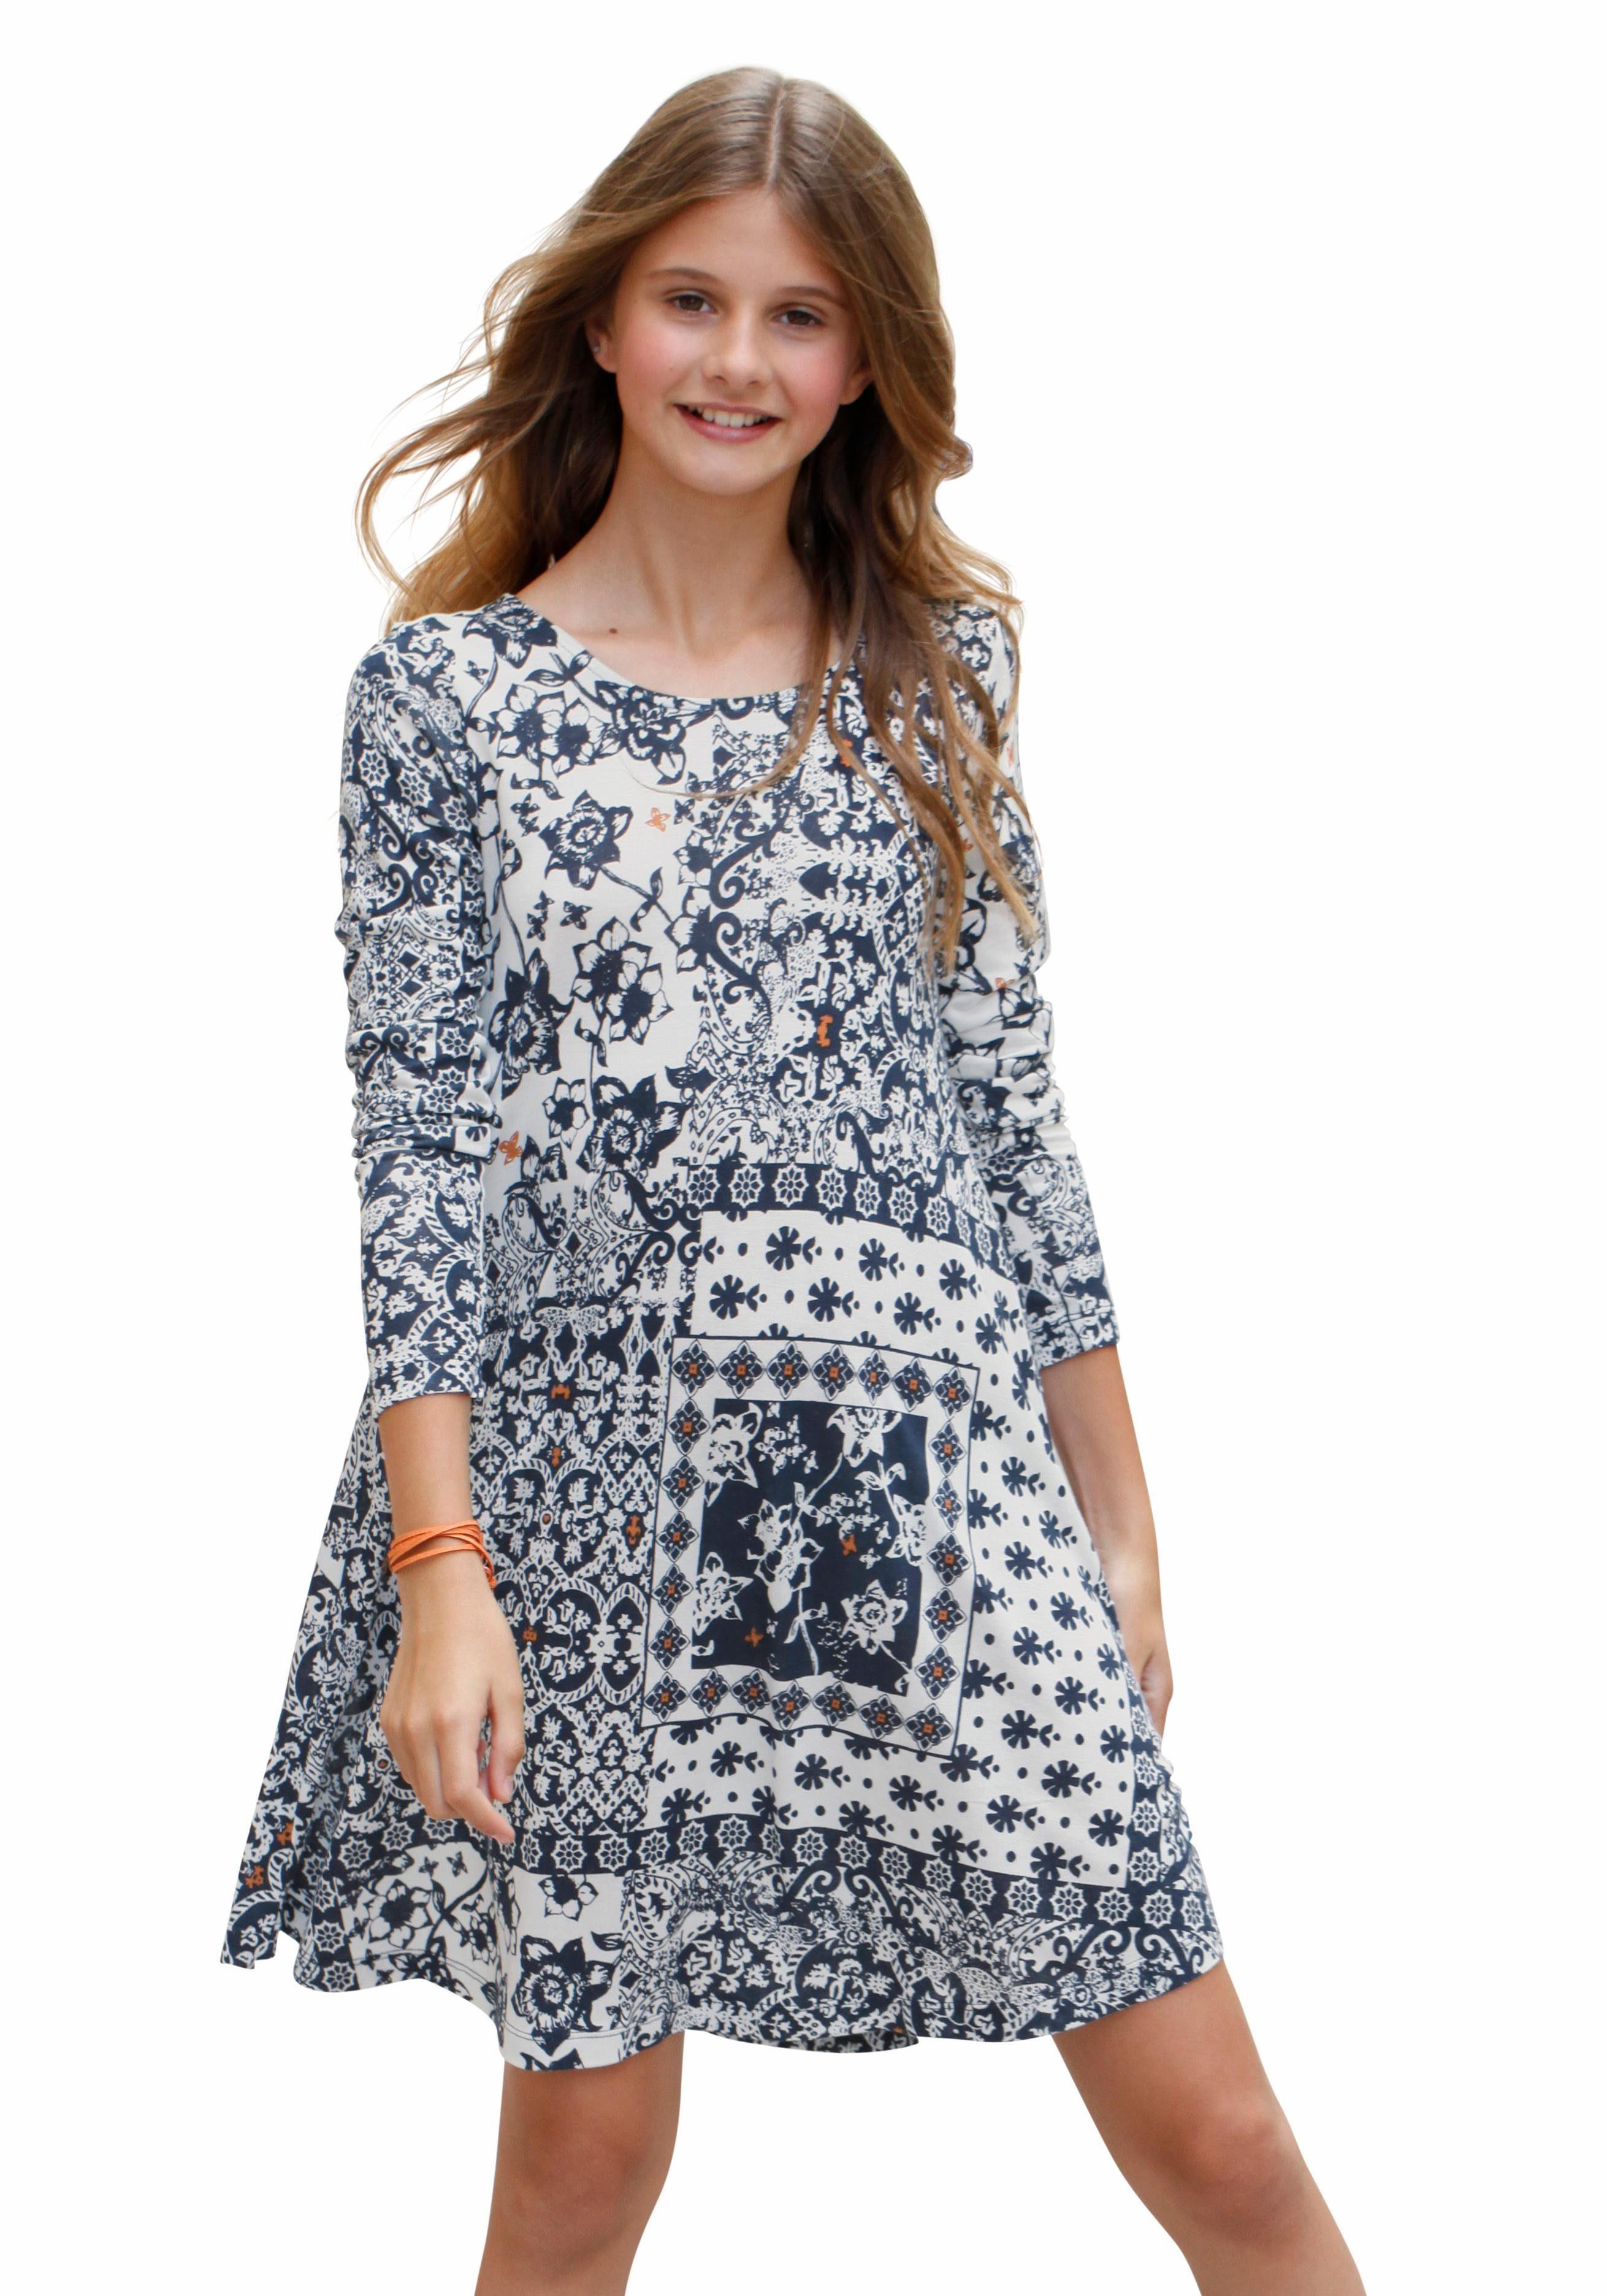 Mädchen Online Online Kleider Kleider Festliche KaufenOtto Mädchen Kleider Festliche Online Mädchen Festliche KaufenOtto 8NkPZnw0OX